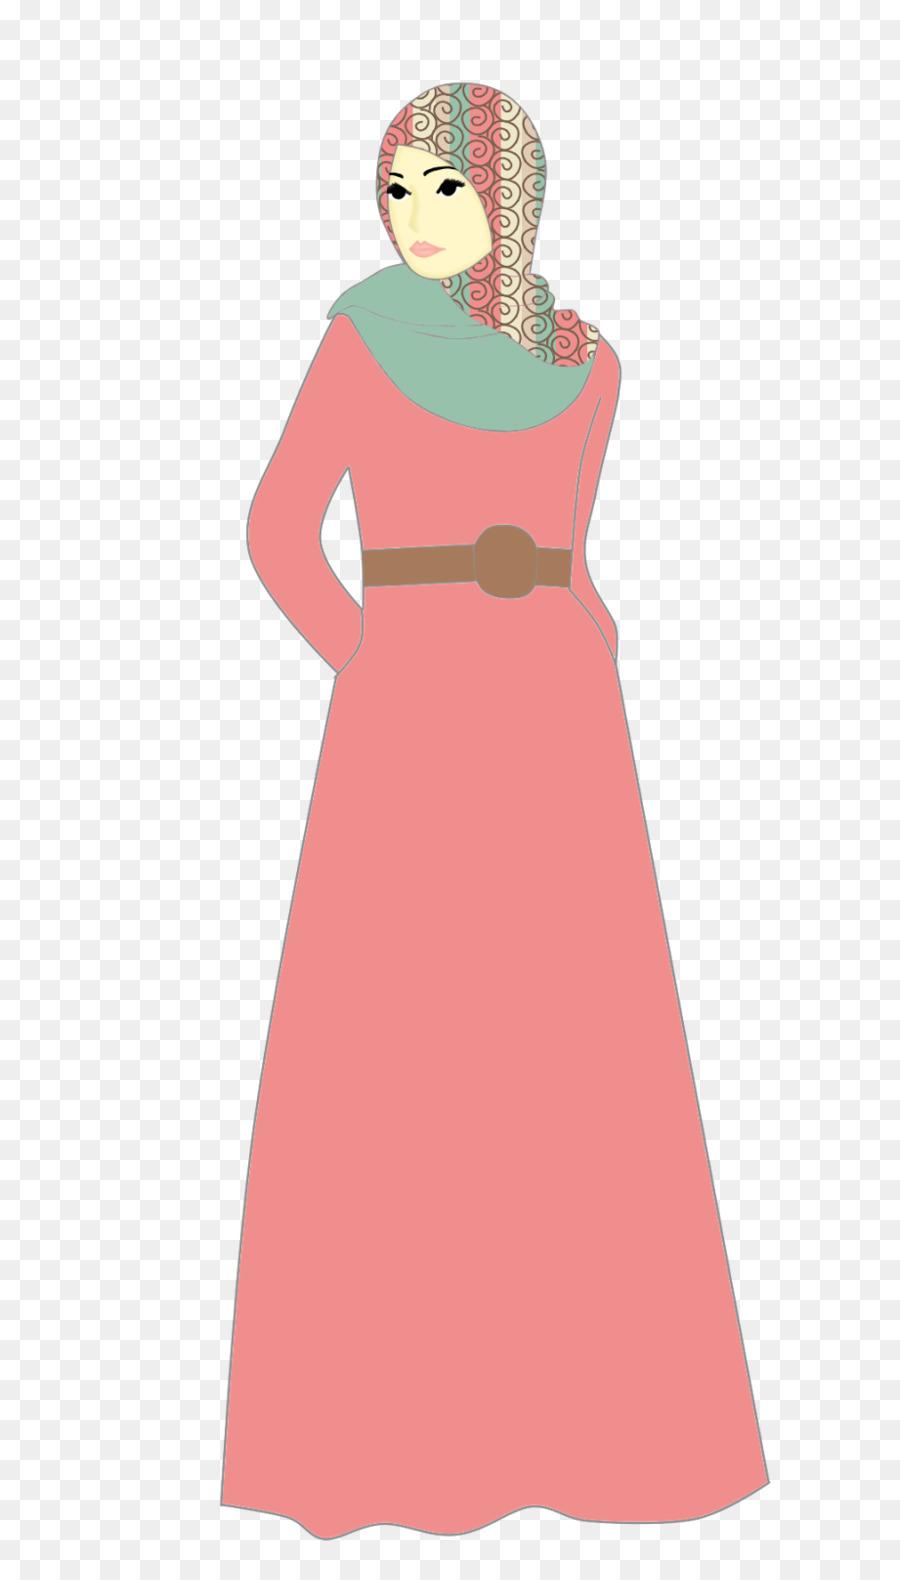 Vestido De Doodle Musulmana Con Hiyab - doodle Formatos De Archivo ...